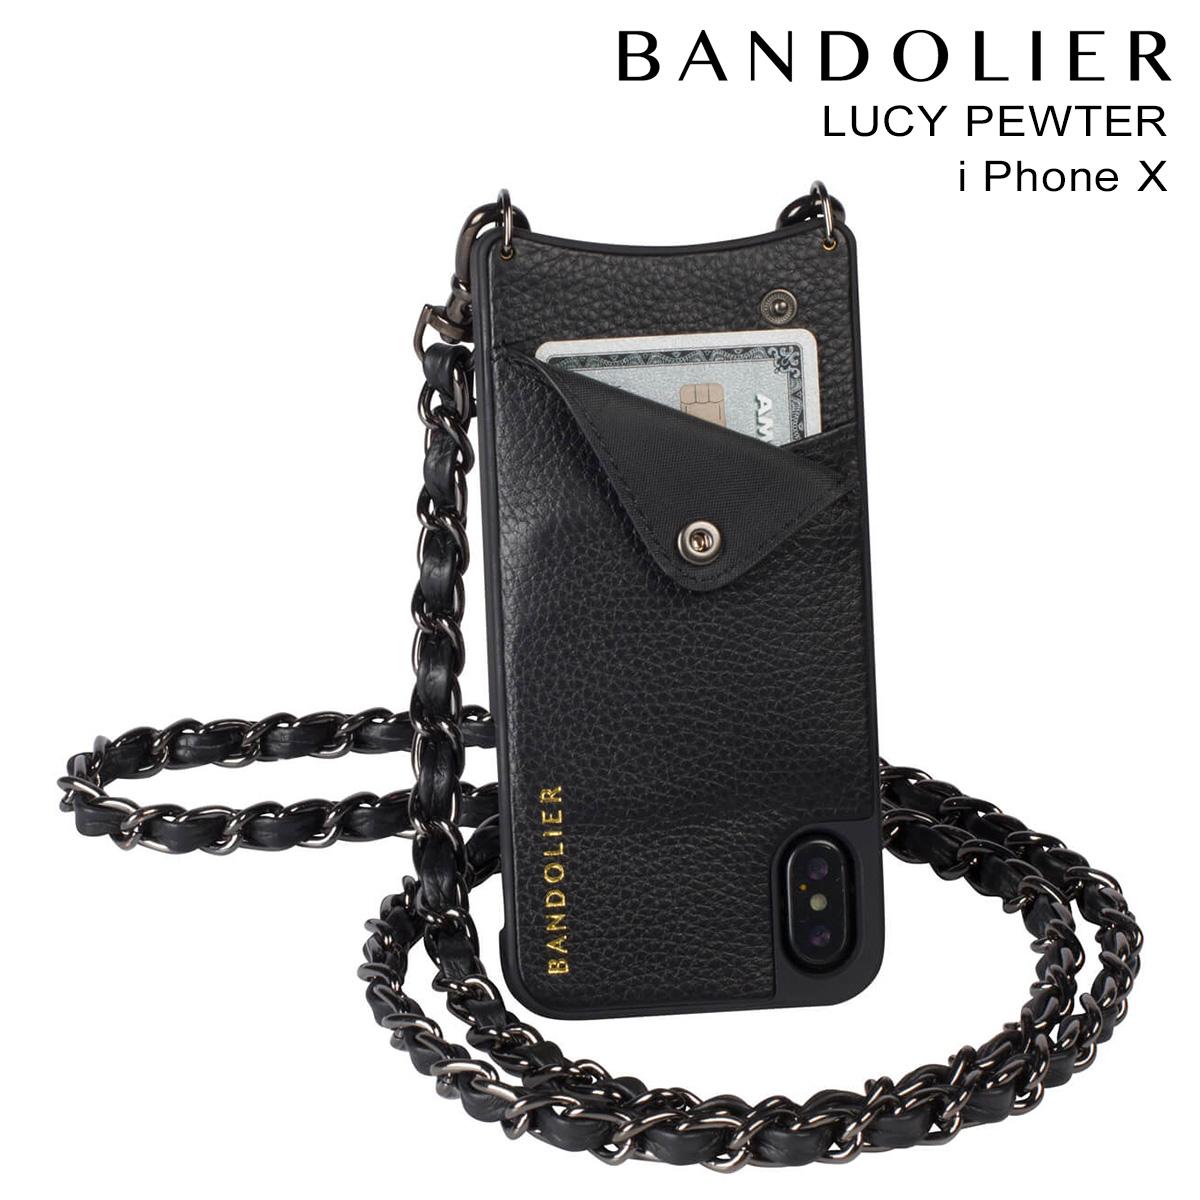 BANDOLIER iPhoneX LUCY PEWTER バンドリヤー ケース スマホ アイフォン レザー メンズ レディース